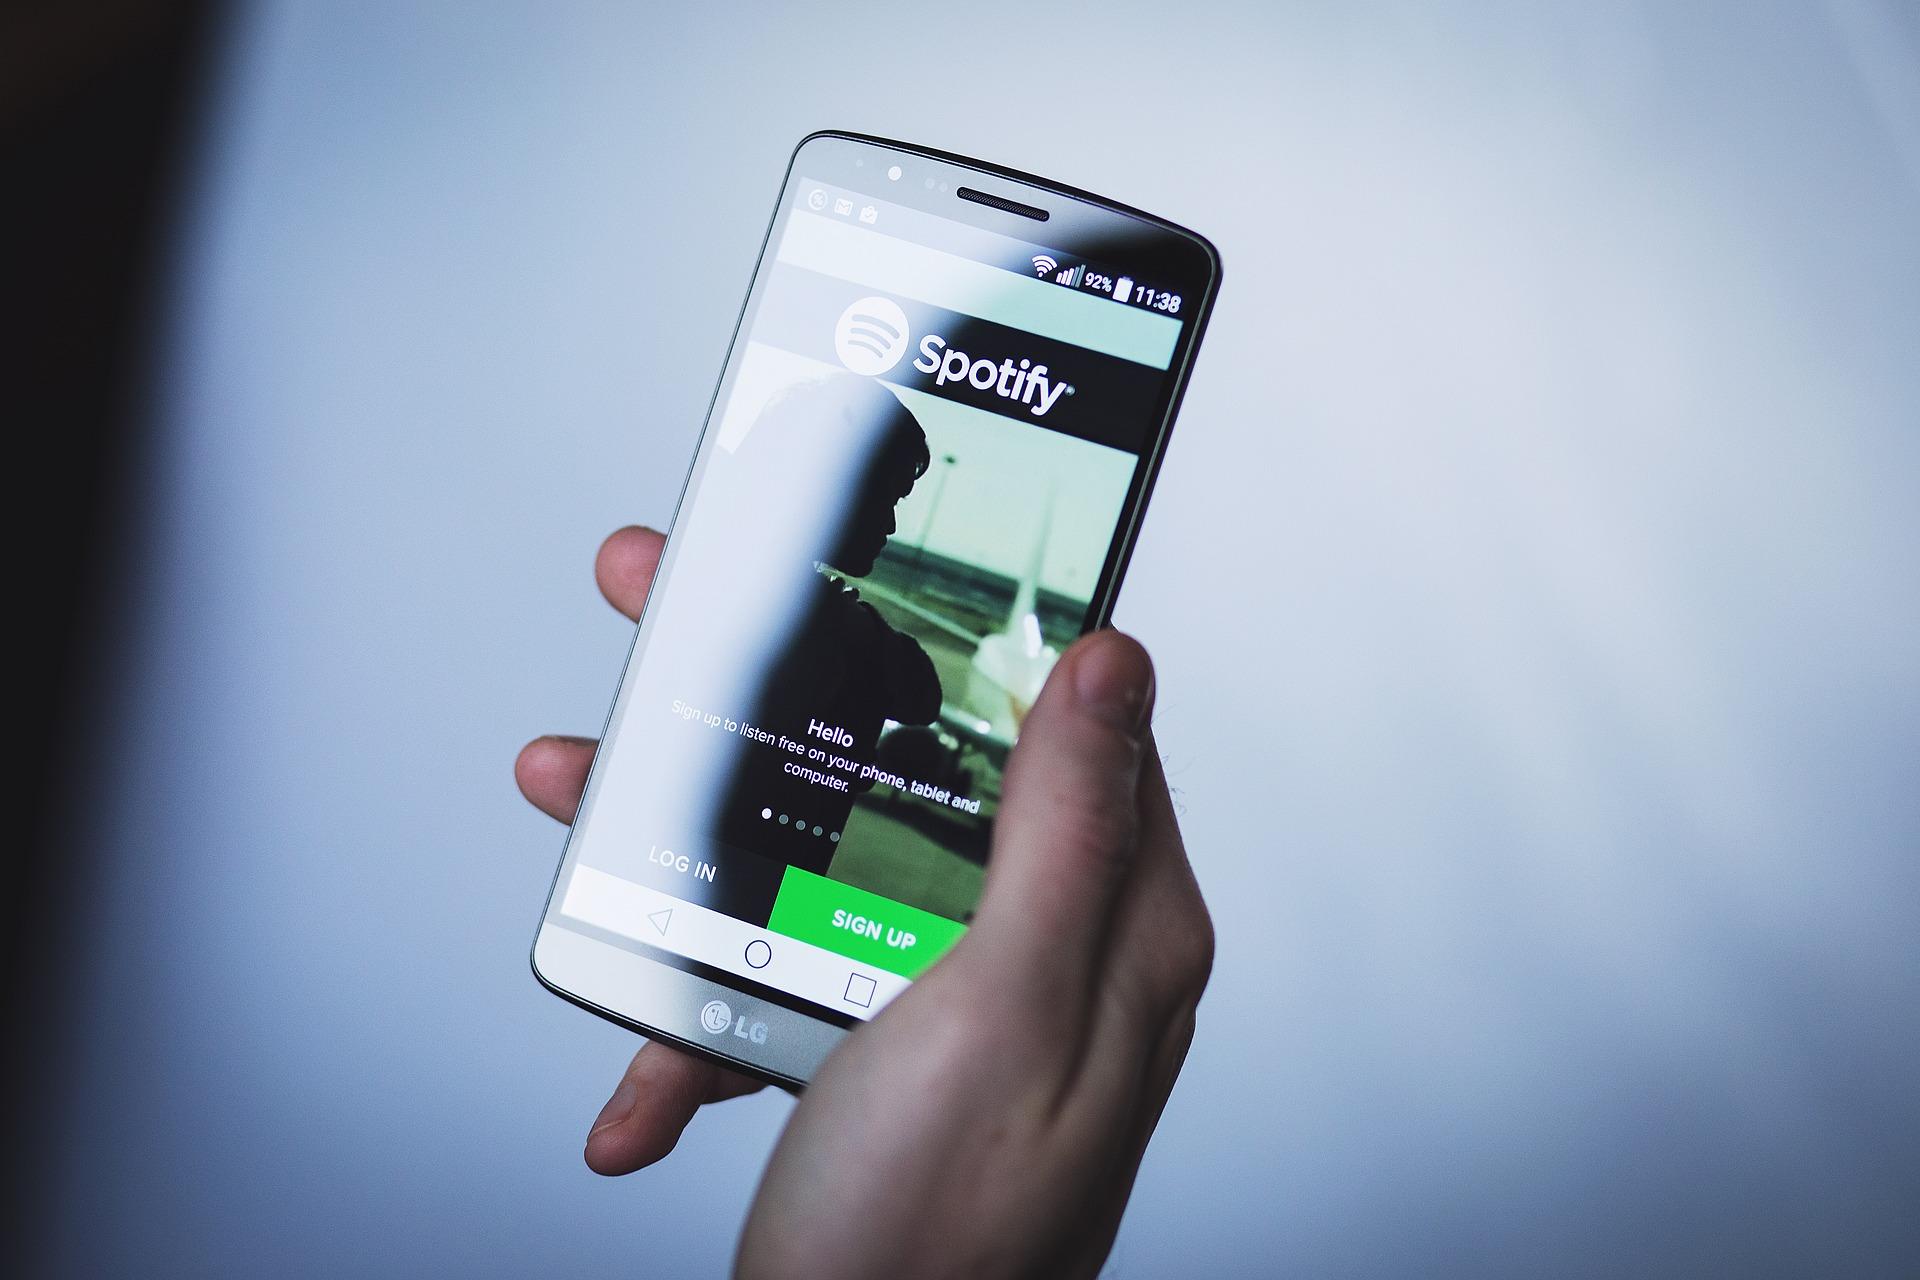 ¡Despídete de los anuncios, cámbiate a Spotify Premium! Apuntes sobre podcasts, la comunicación pública vía Spotify y el rol de APDAYC respecto a los Derechos de Autor en tiempos de COVID – 19.